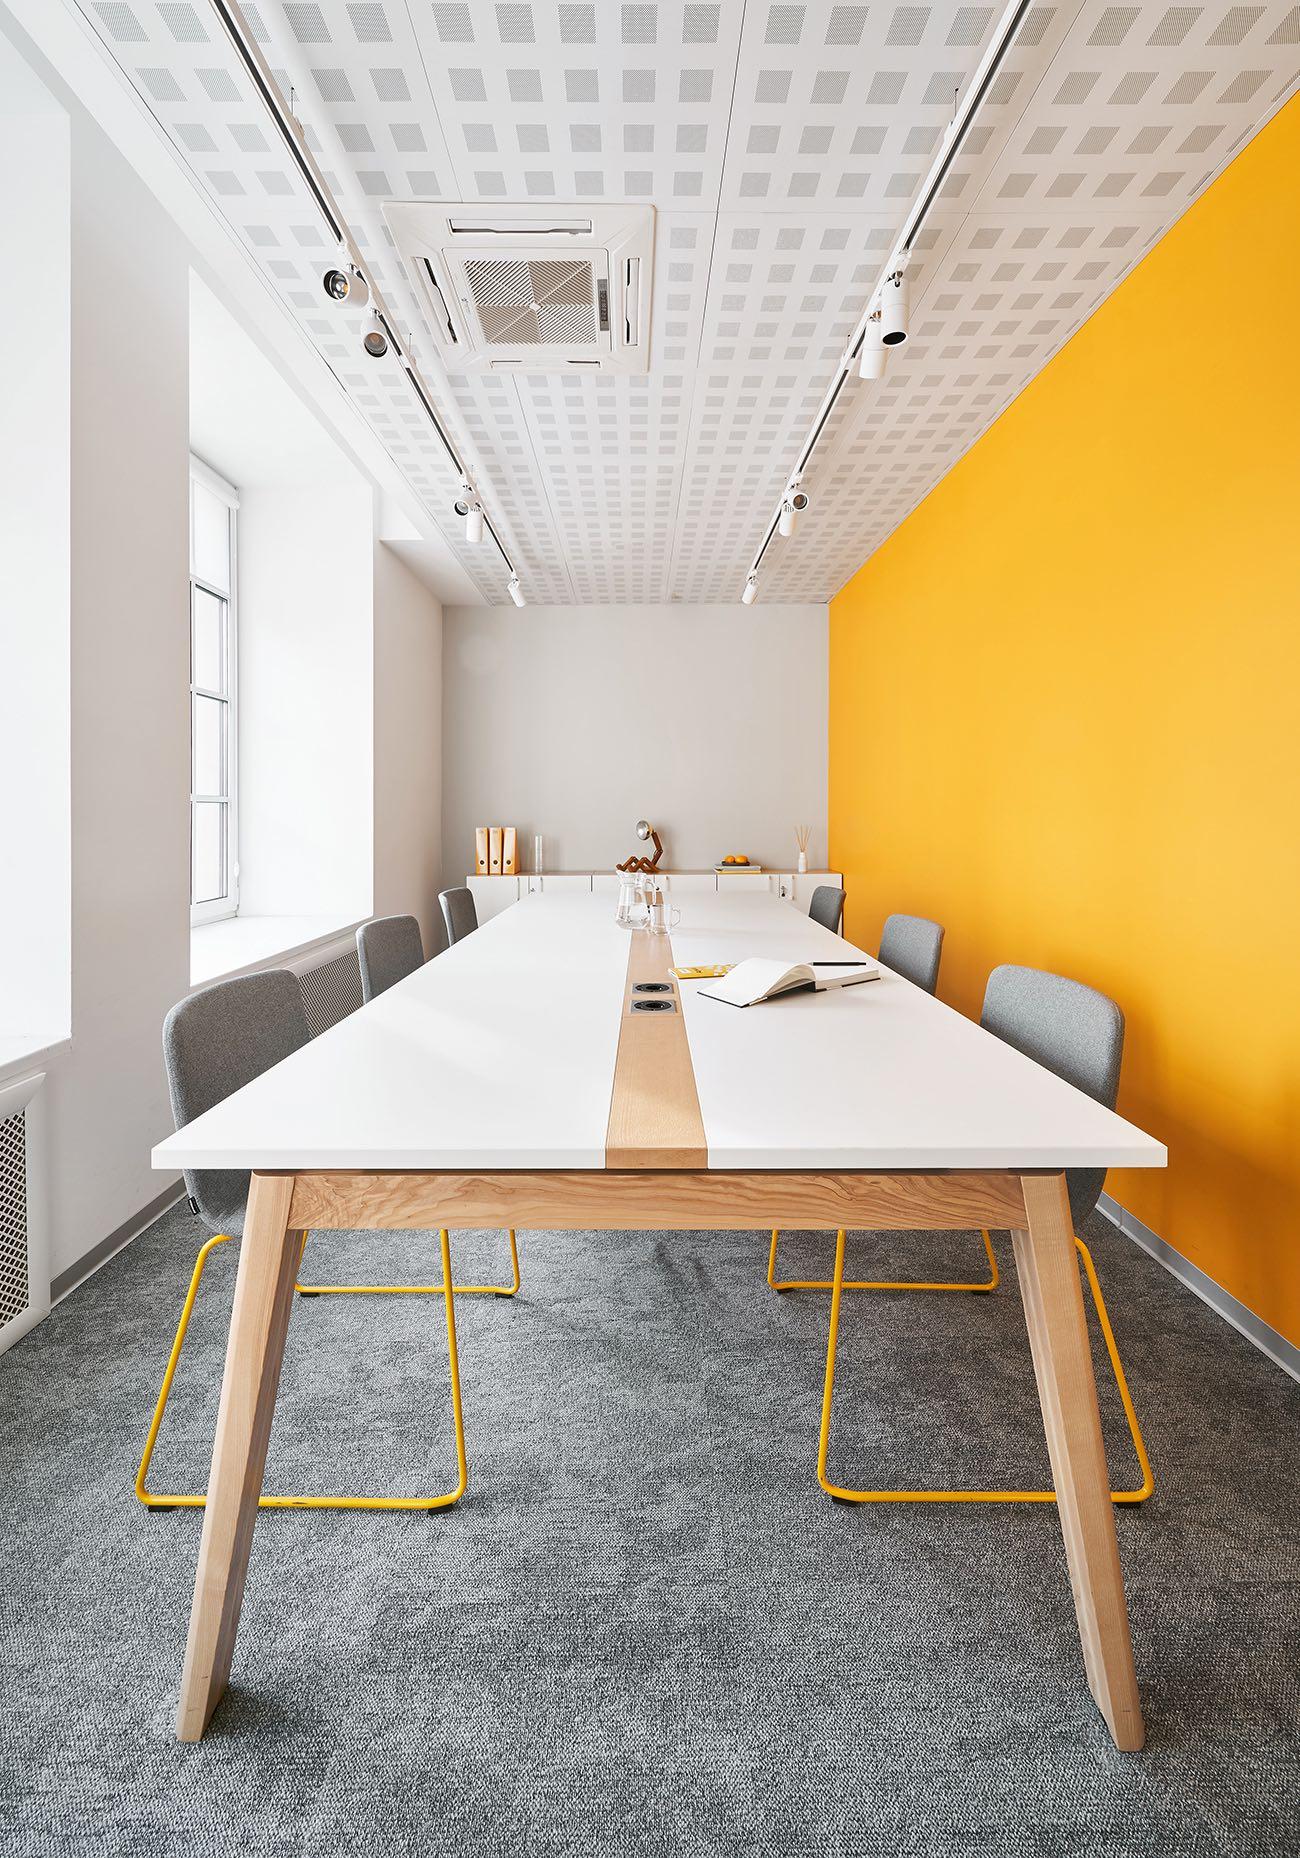 kassir-saint-pettesburgh-office-9